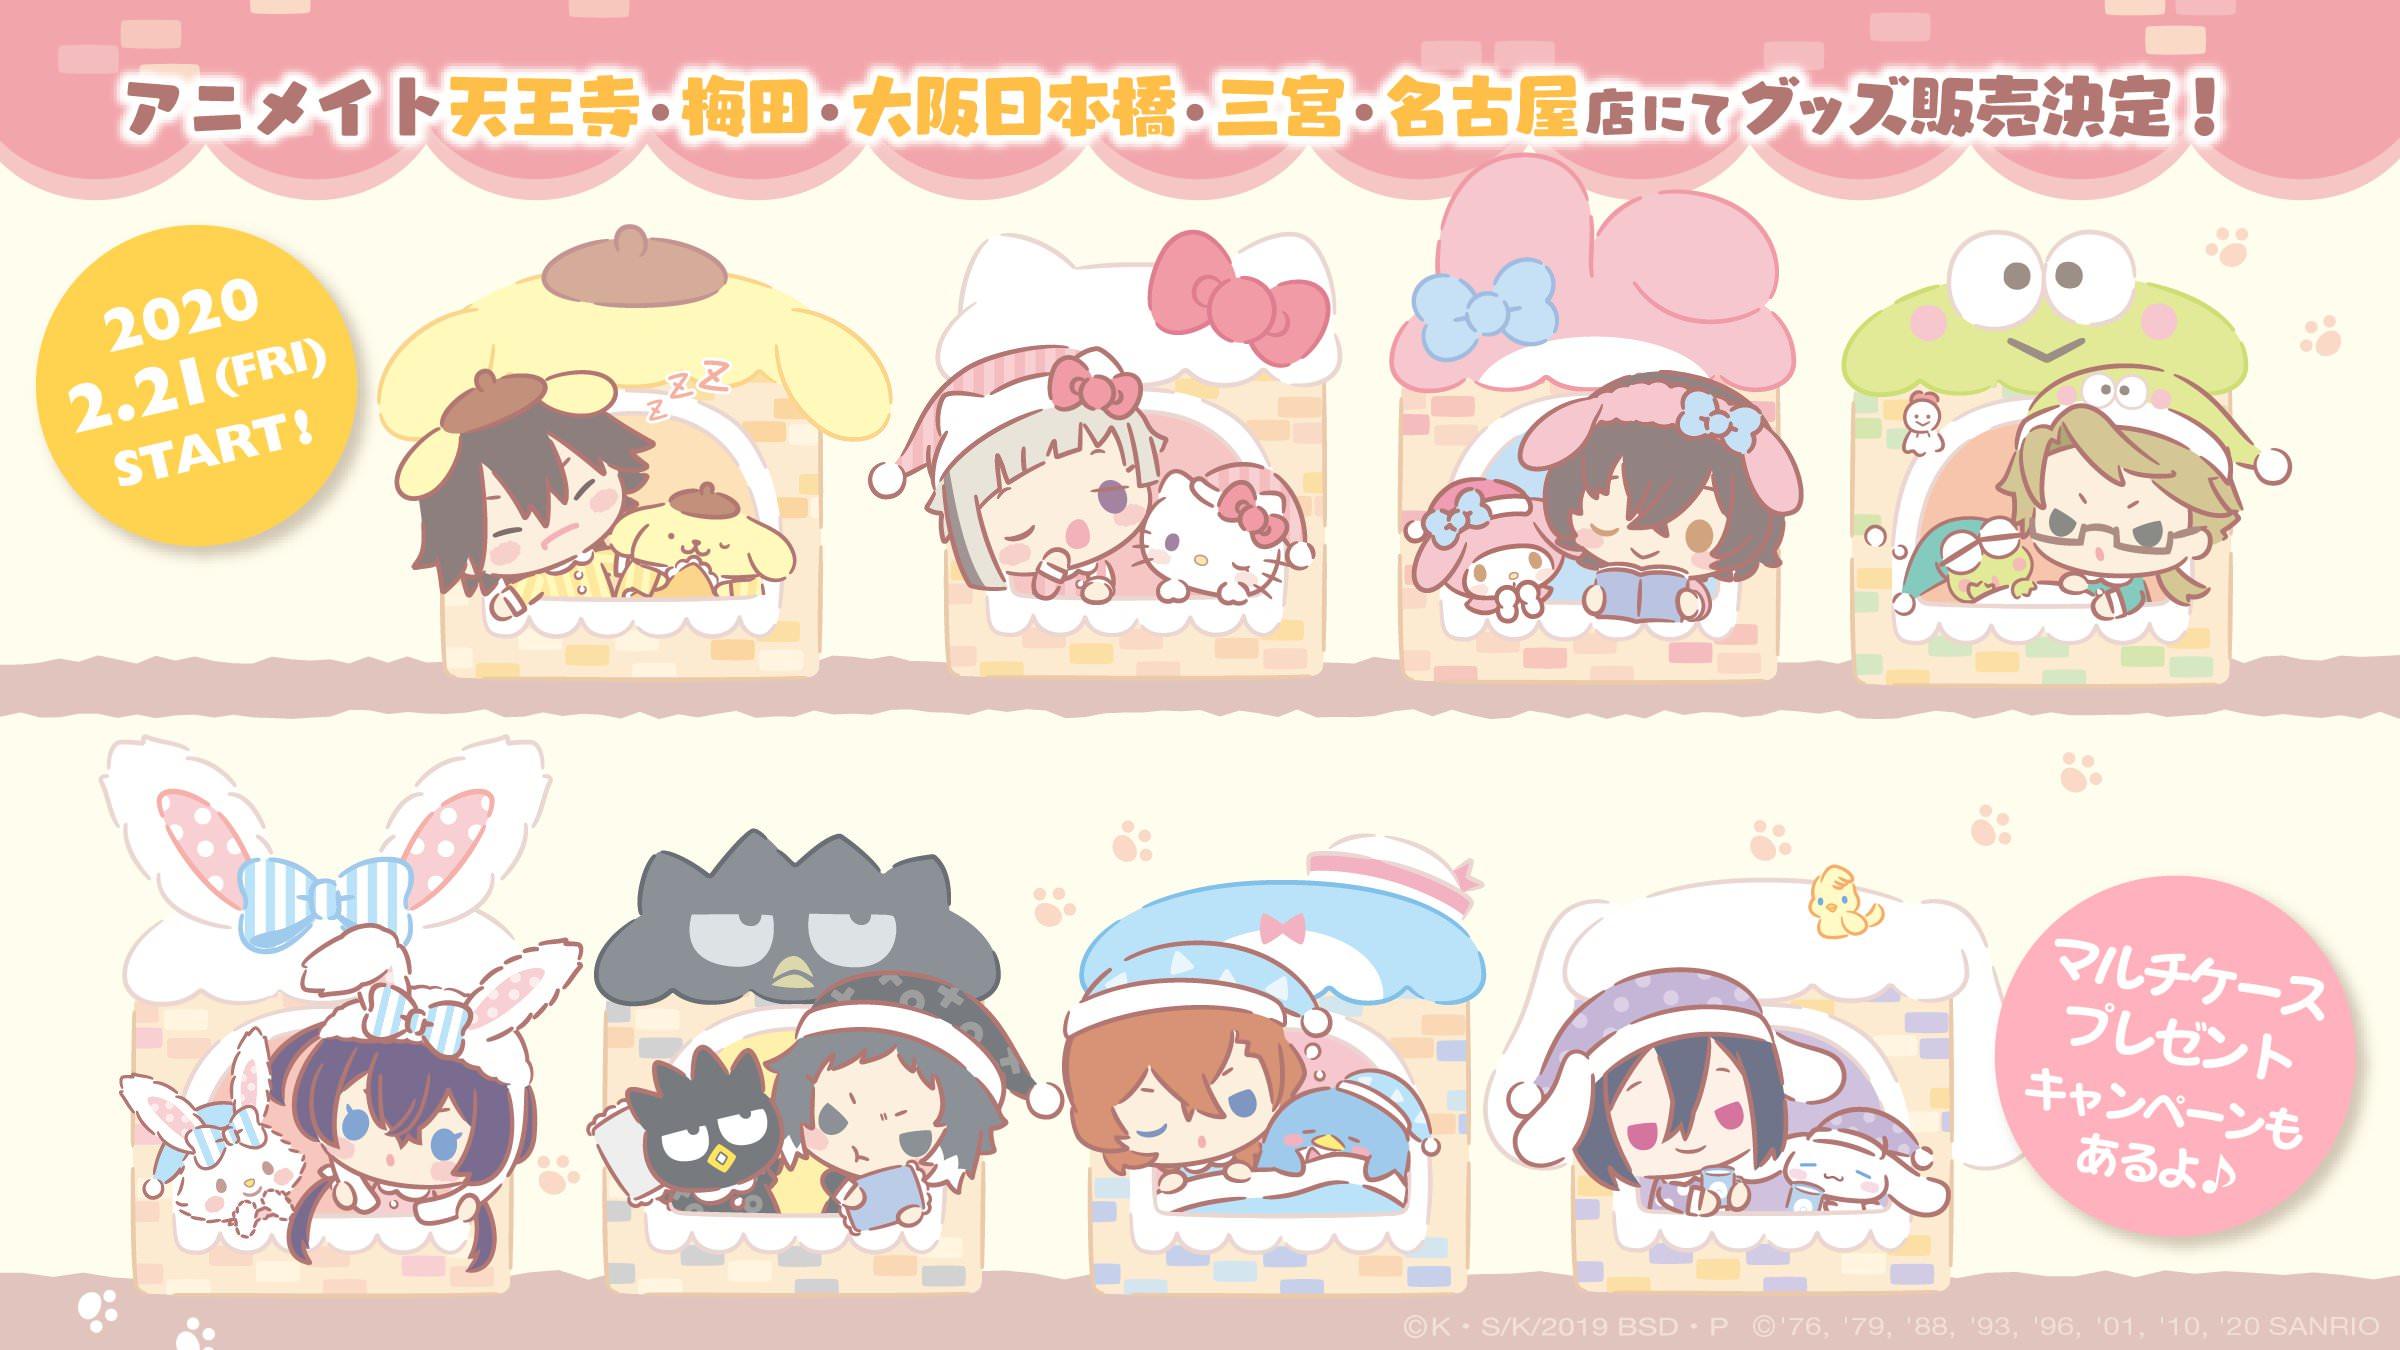 文豪ストレイドッグス × サンリオ in アニメイト5店舗 2.21 新グッズ登場!